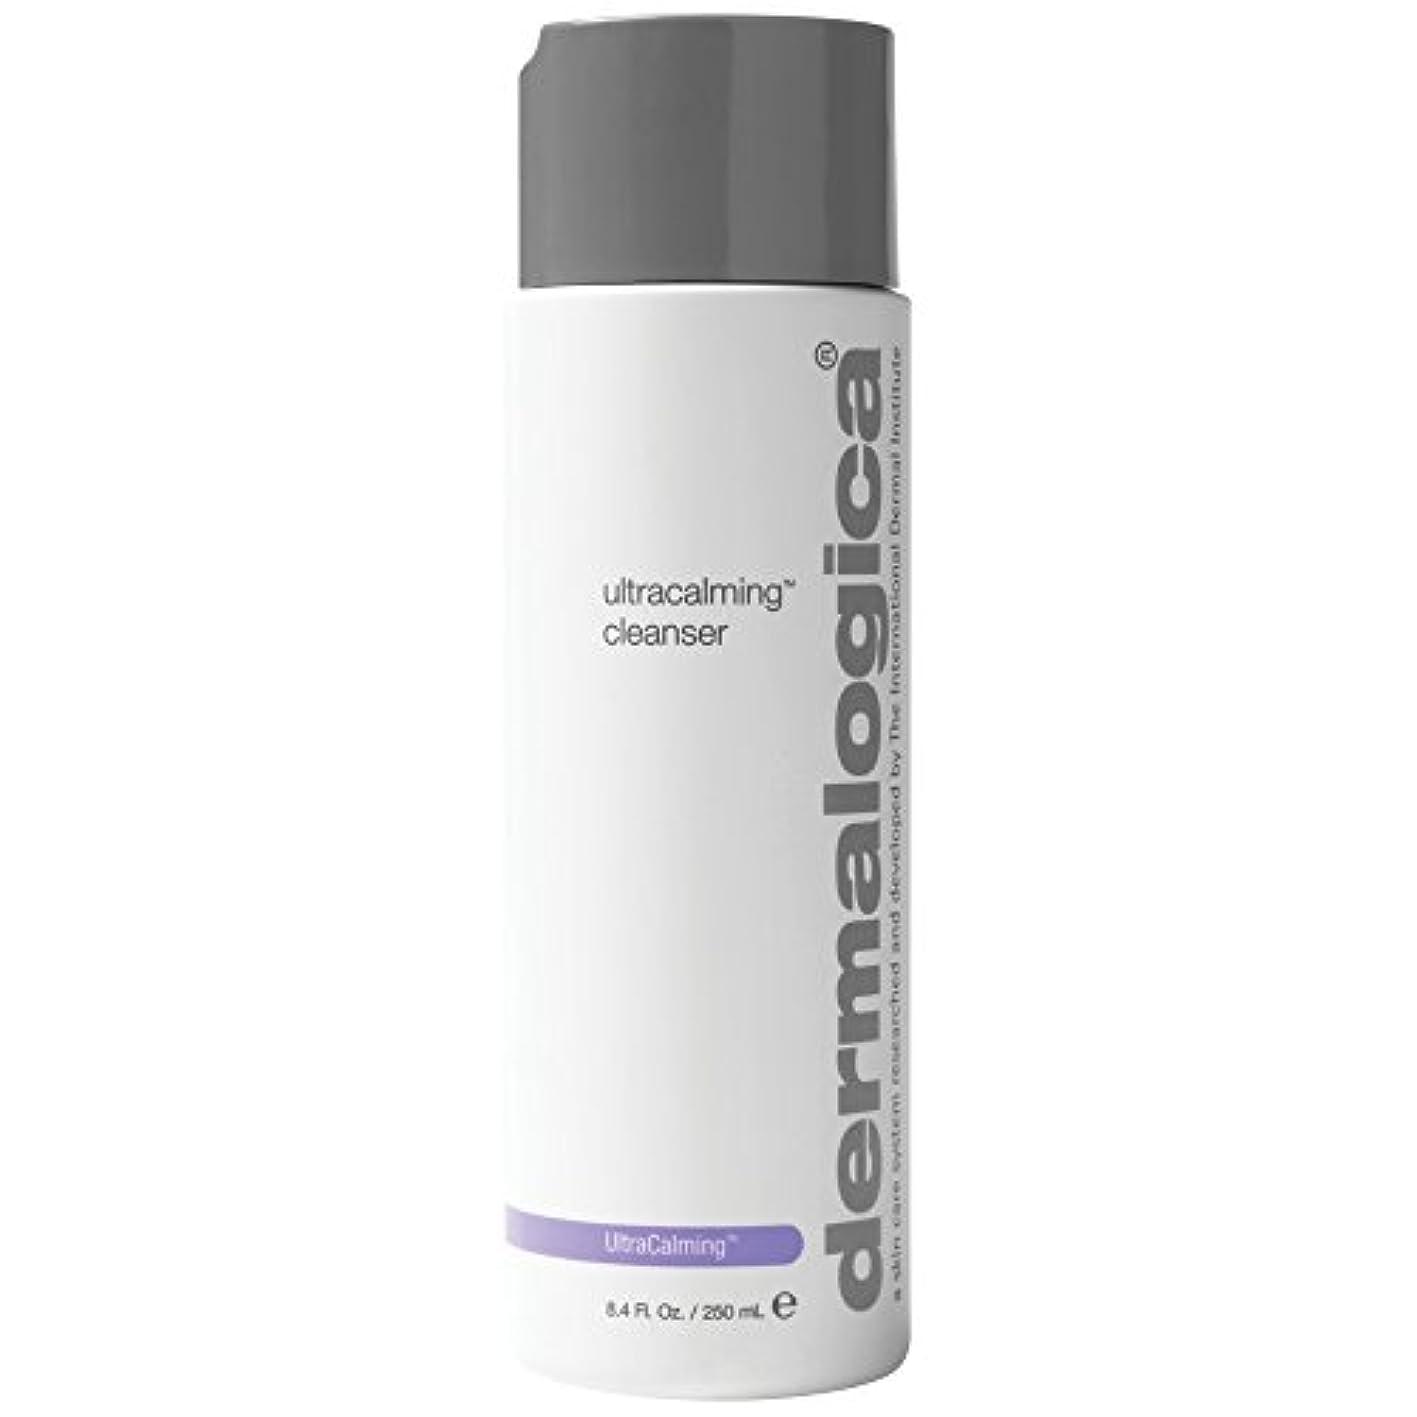 団結部分ギャンブルダーマロジカUltracalming?クレンザーの250ミリリットル (Dermalogica) (x2) - Dermalogica UltraCalming? Cleanser 250ml (Pack of 2) [...